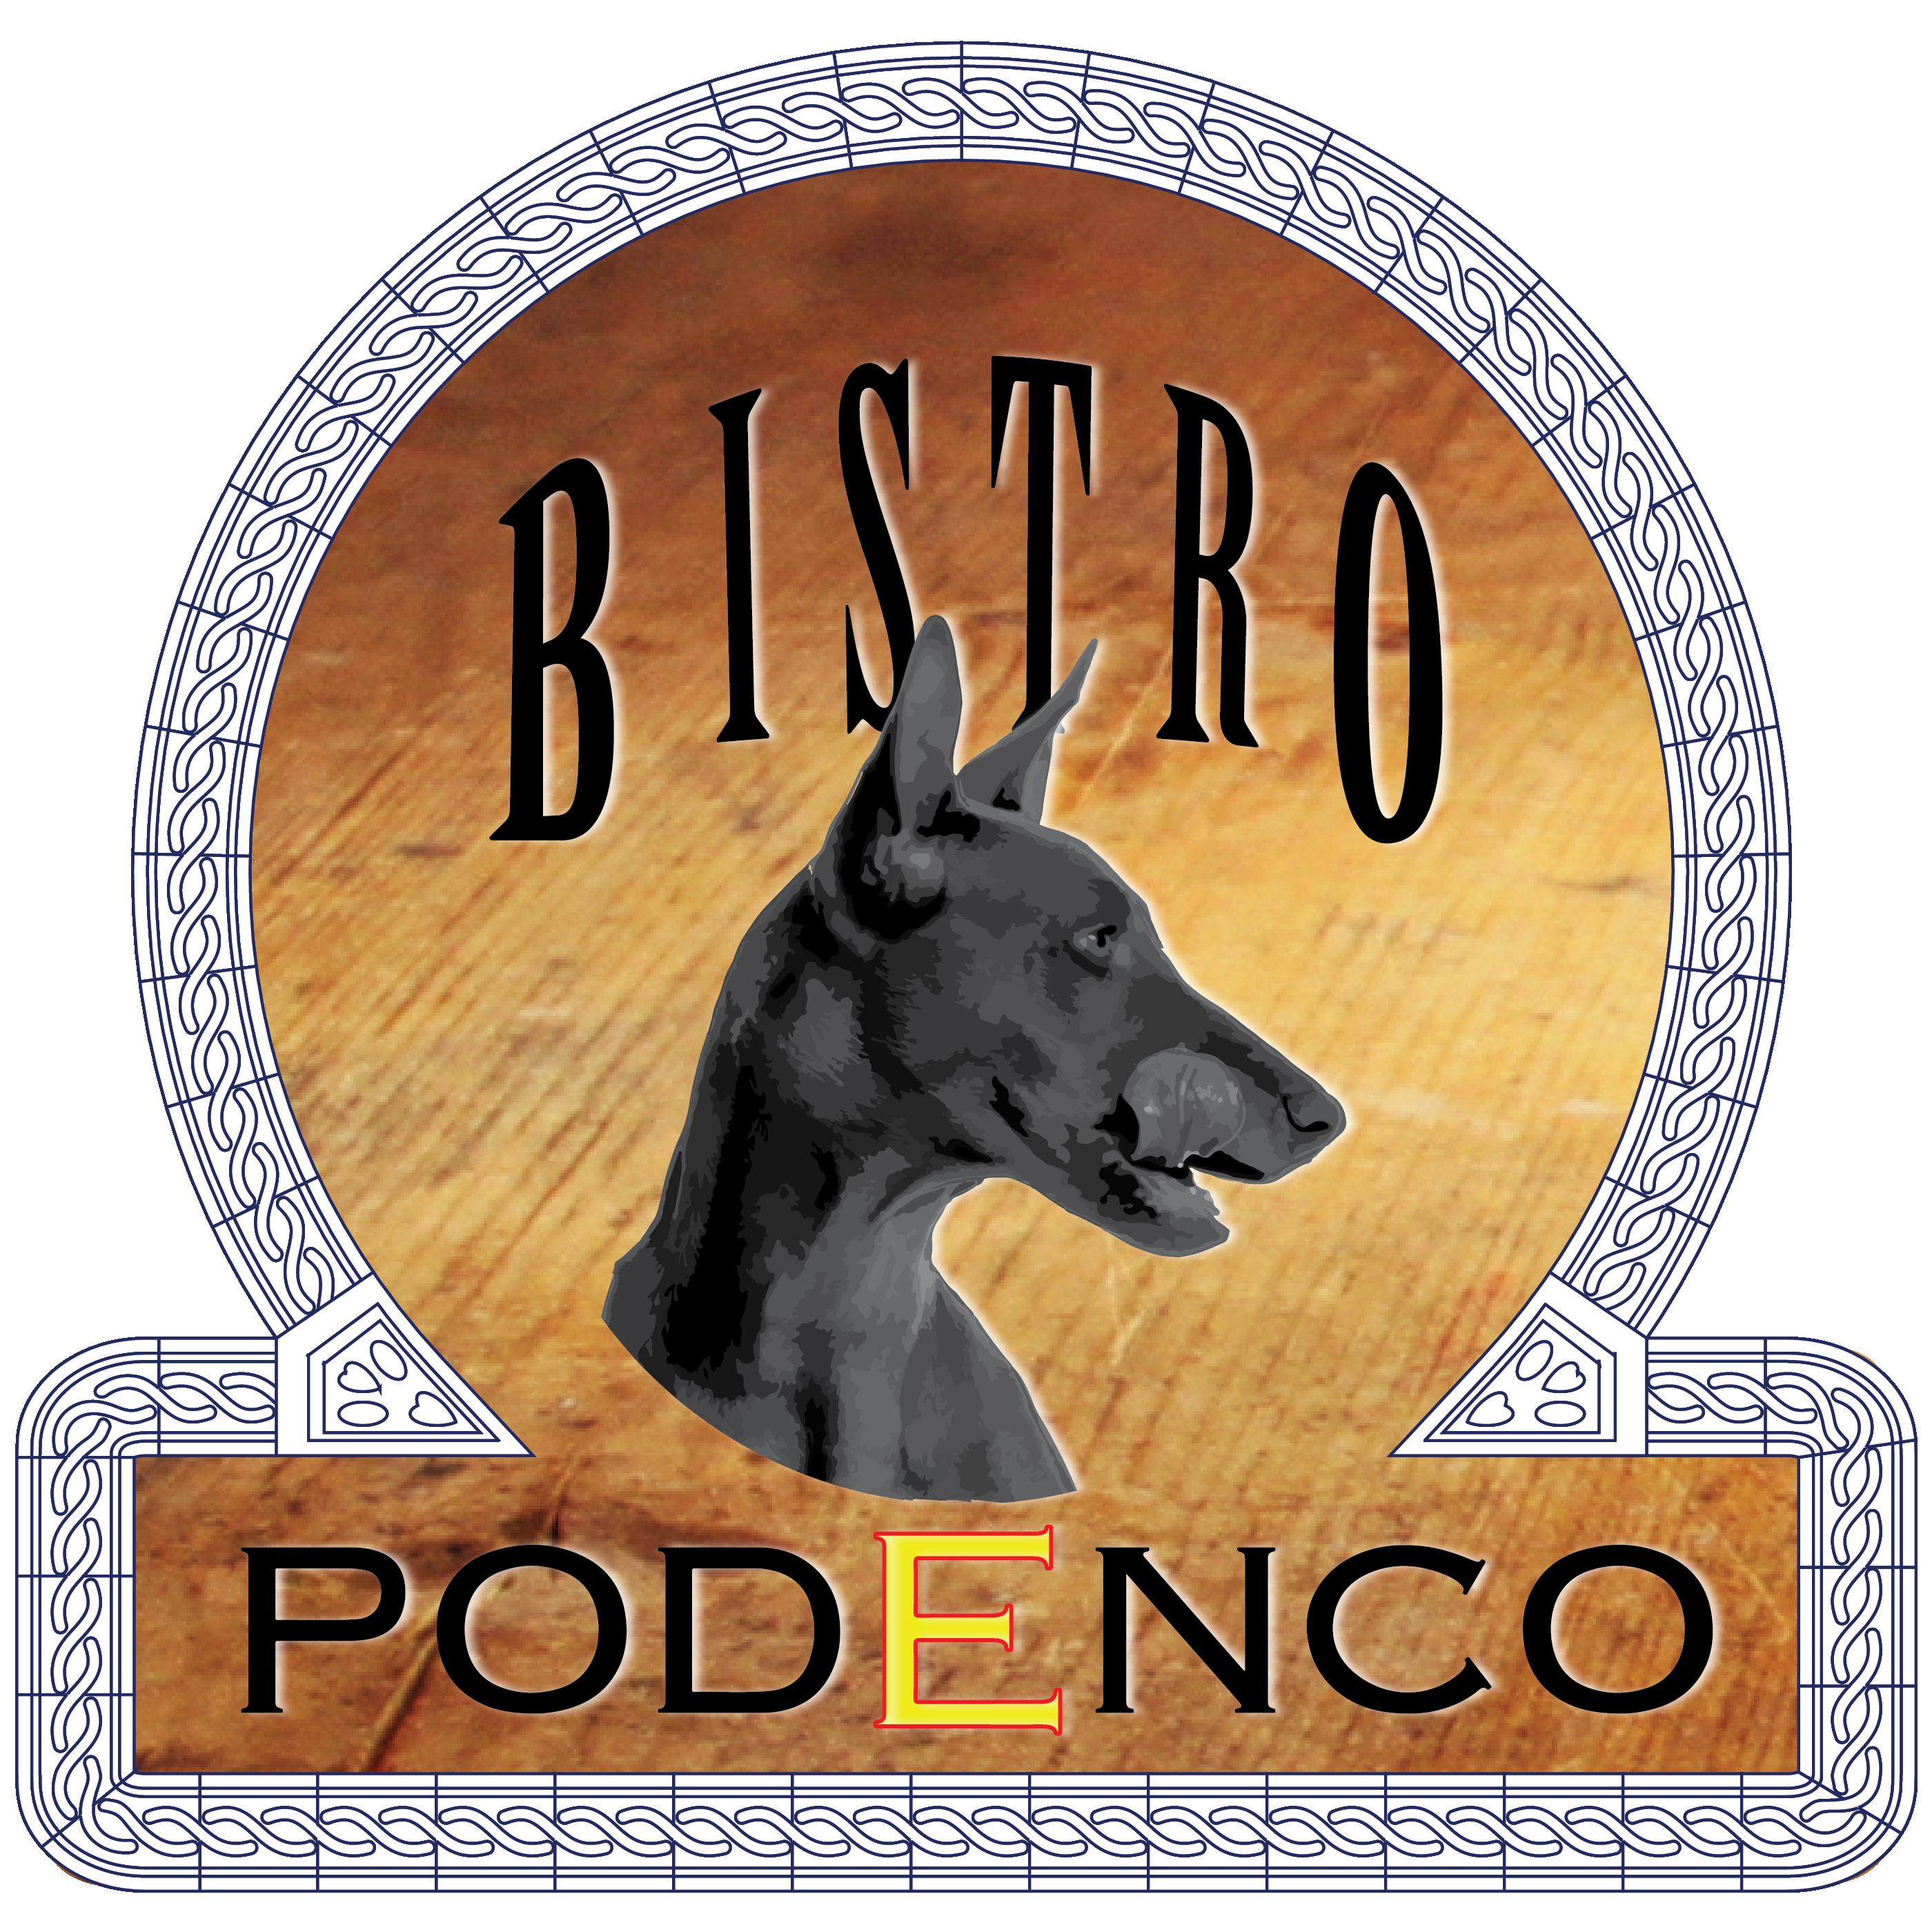 Logo Bistro Podenco